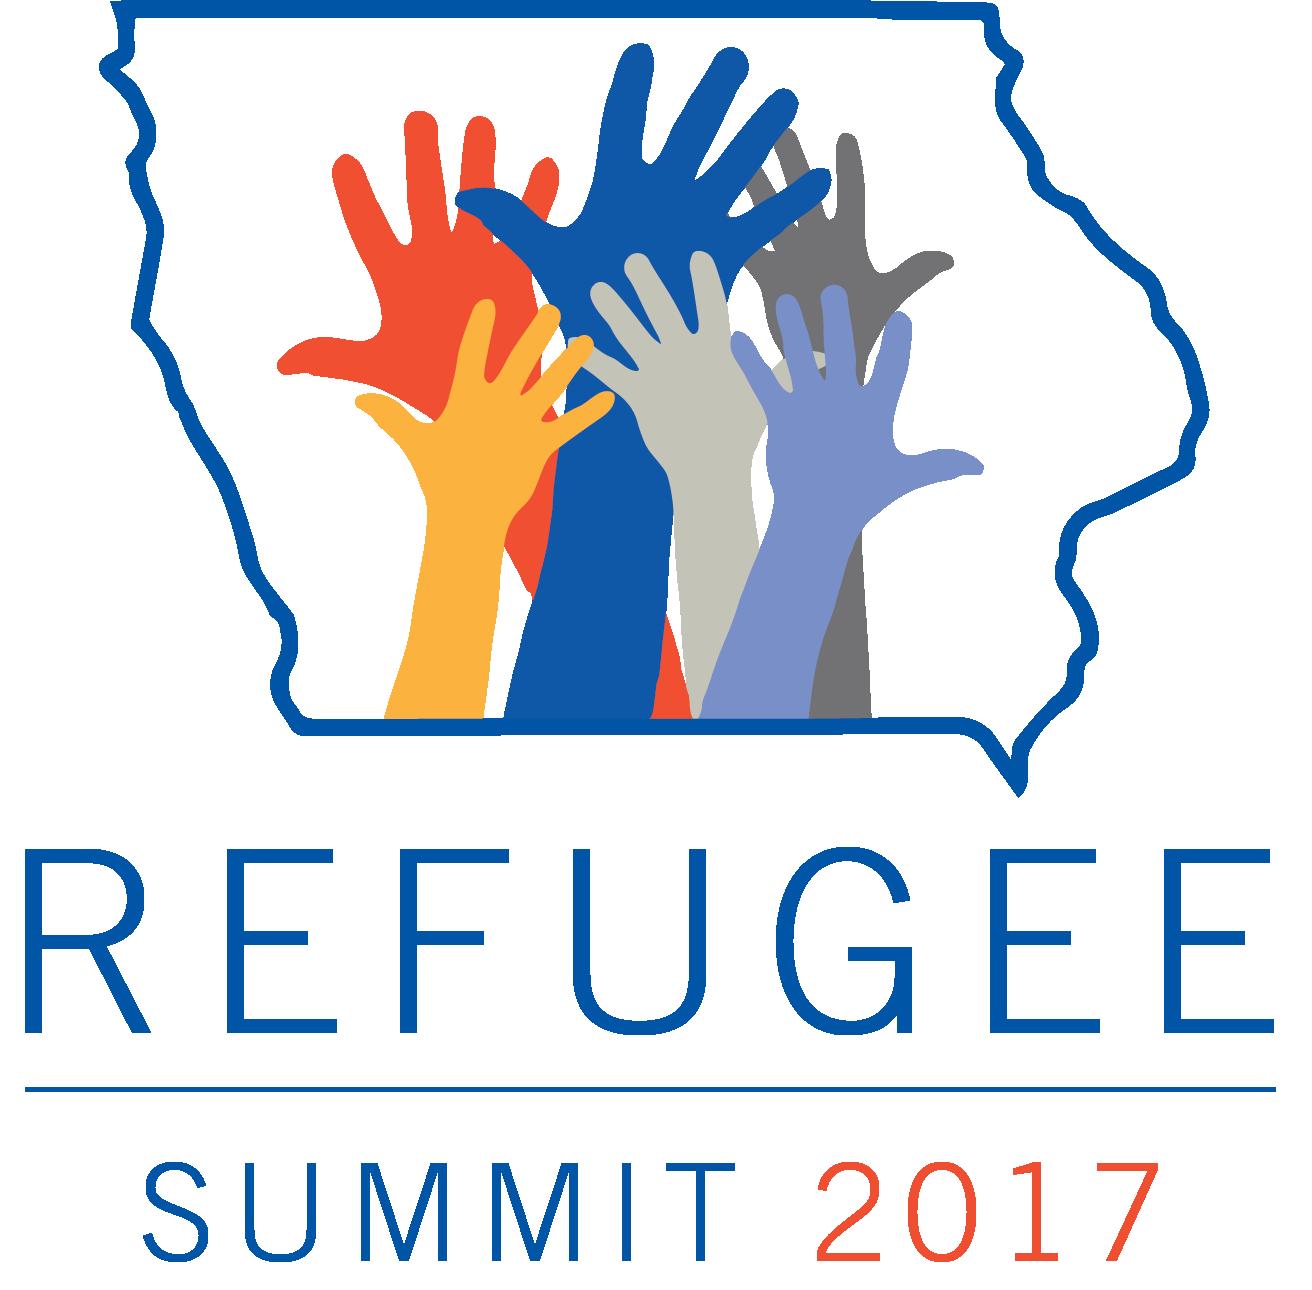 Refugee Summit logo